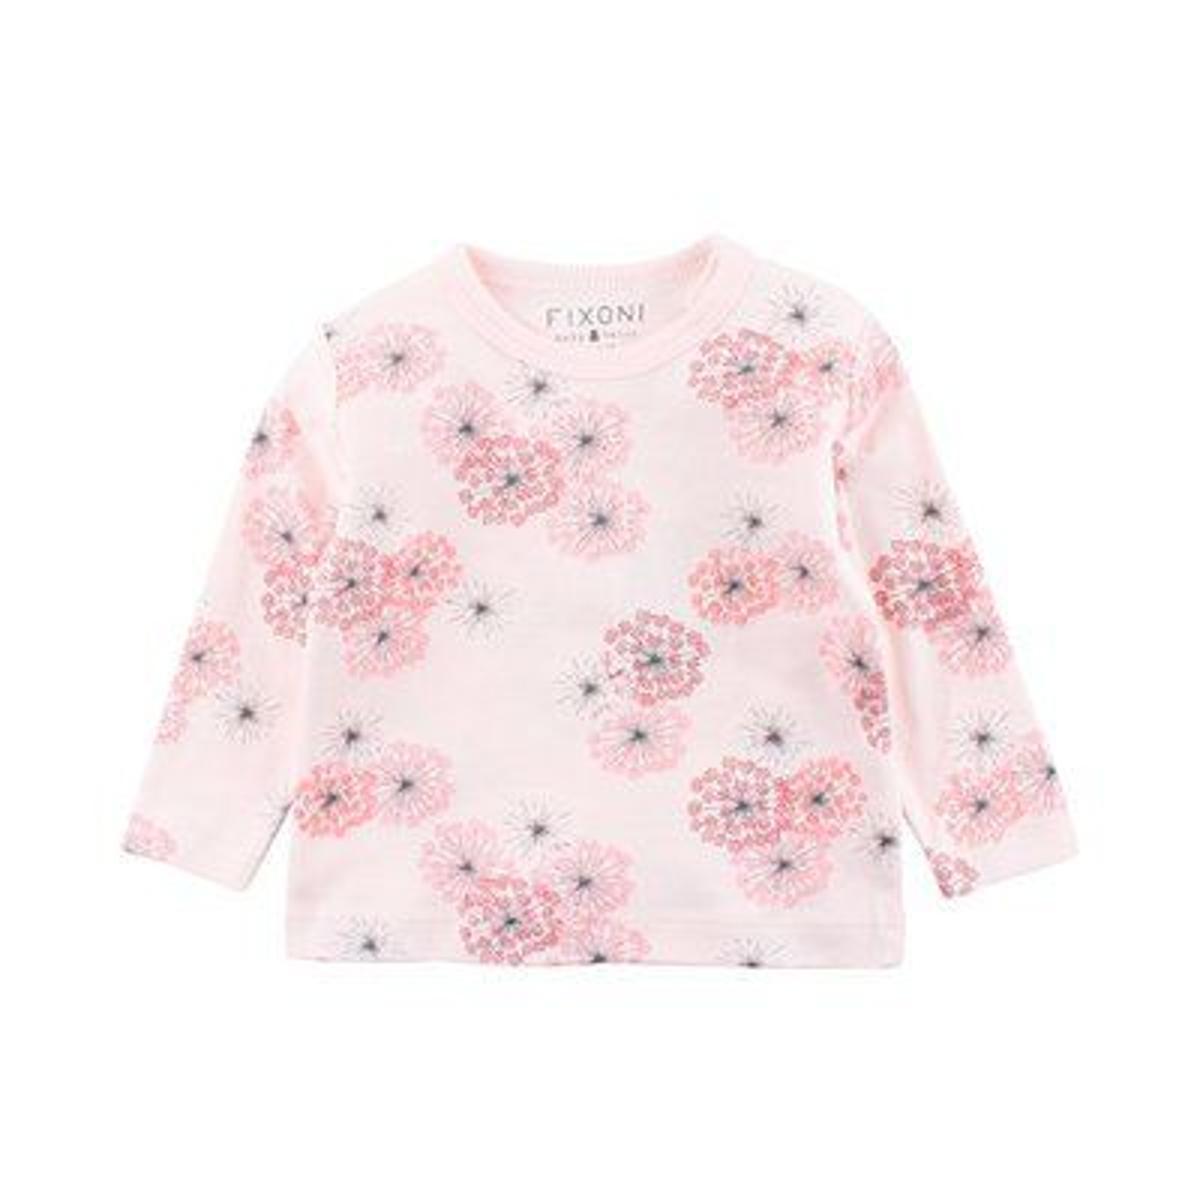 Fixoni T-shirt à manches longues fleurs top bébé vêtements...